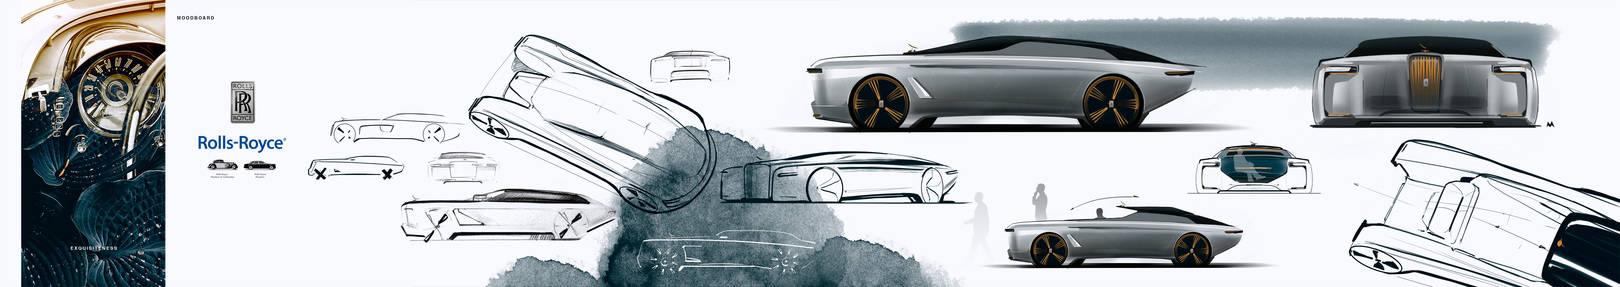 Промышленный дизайн в 21 веке